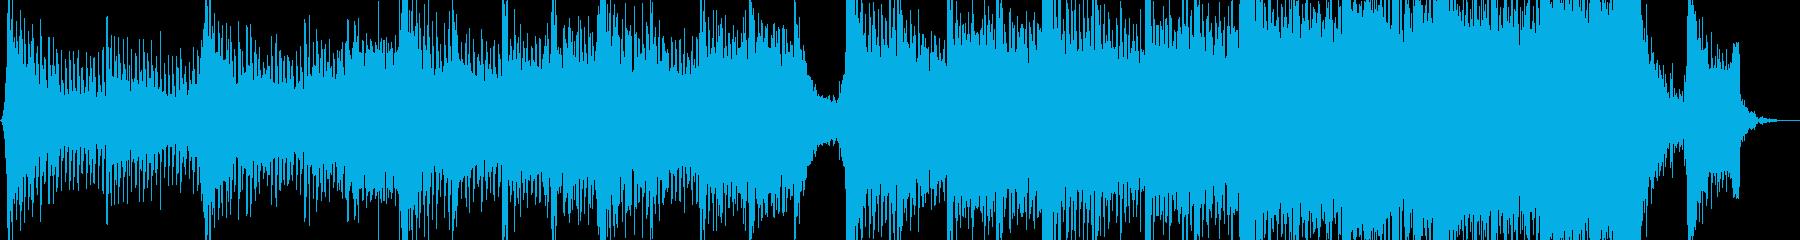 ハイブリッド映画トレーラーの再生済みの波形